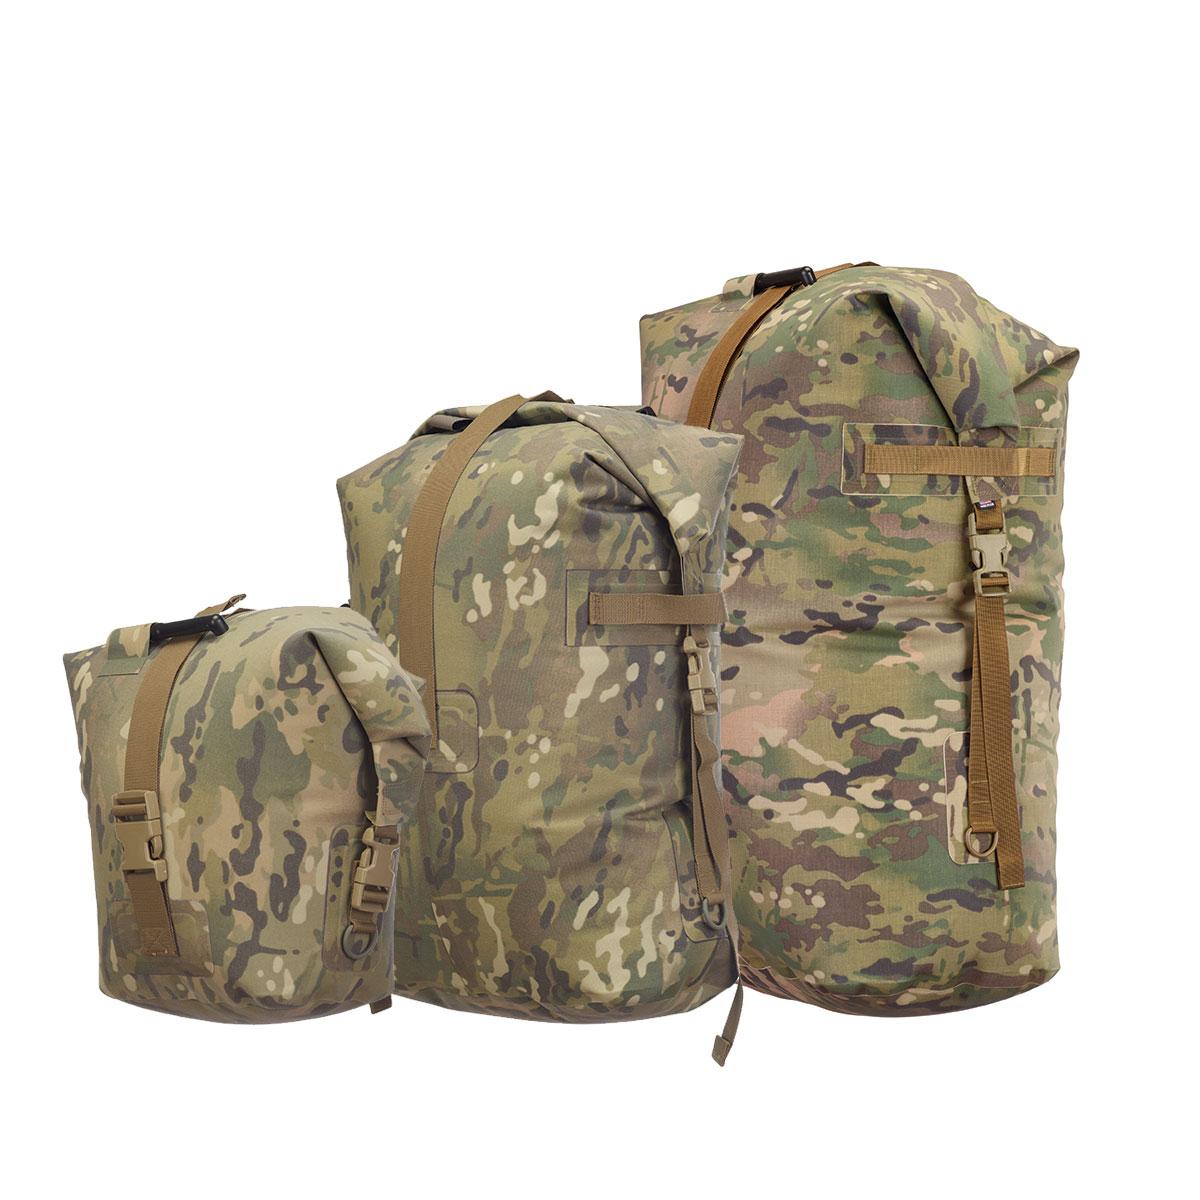 6f81c3632bb4 Sof waterproof bag system bag set watershed drybags jpg 1200x1200 Military  waterproof bag